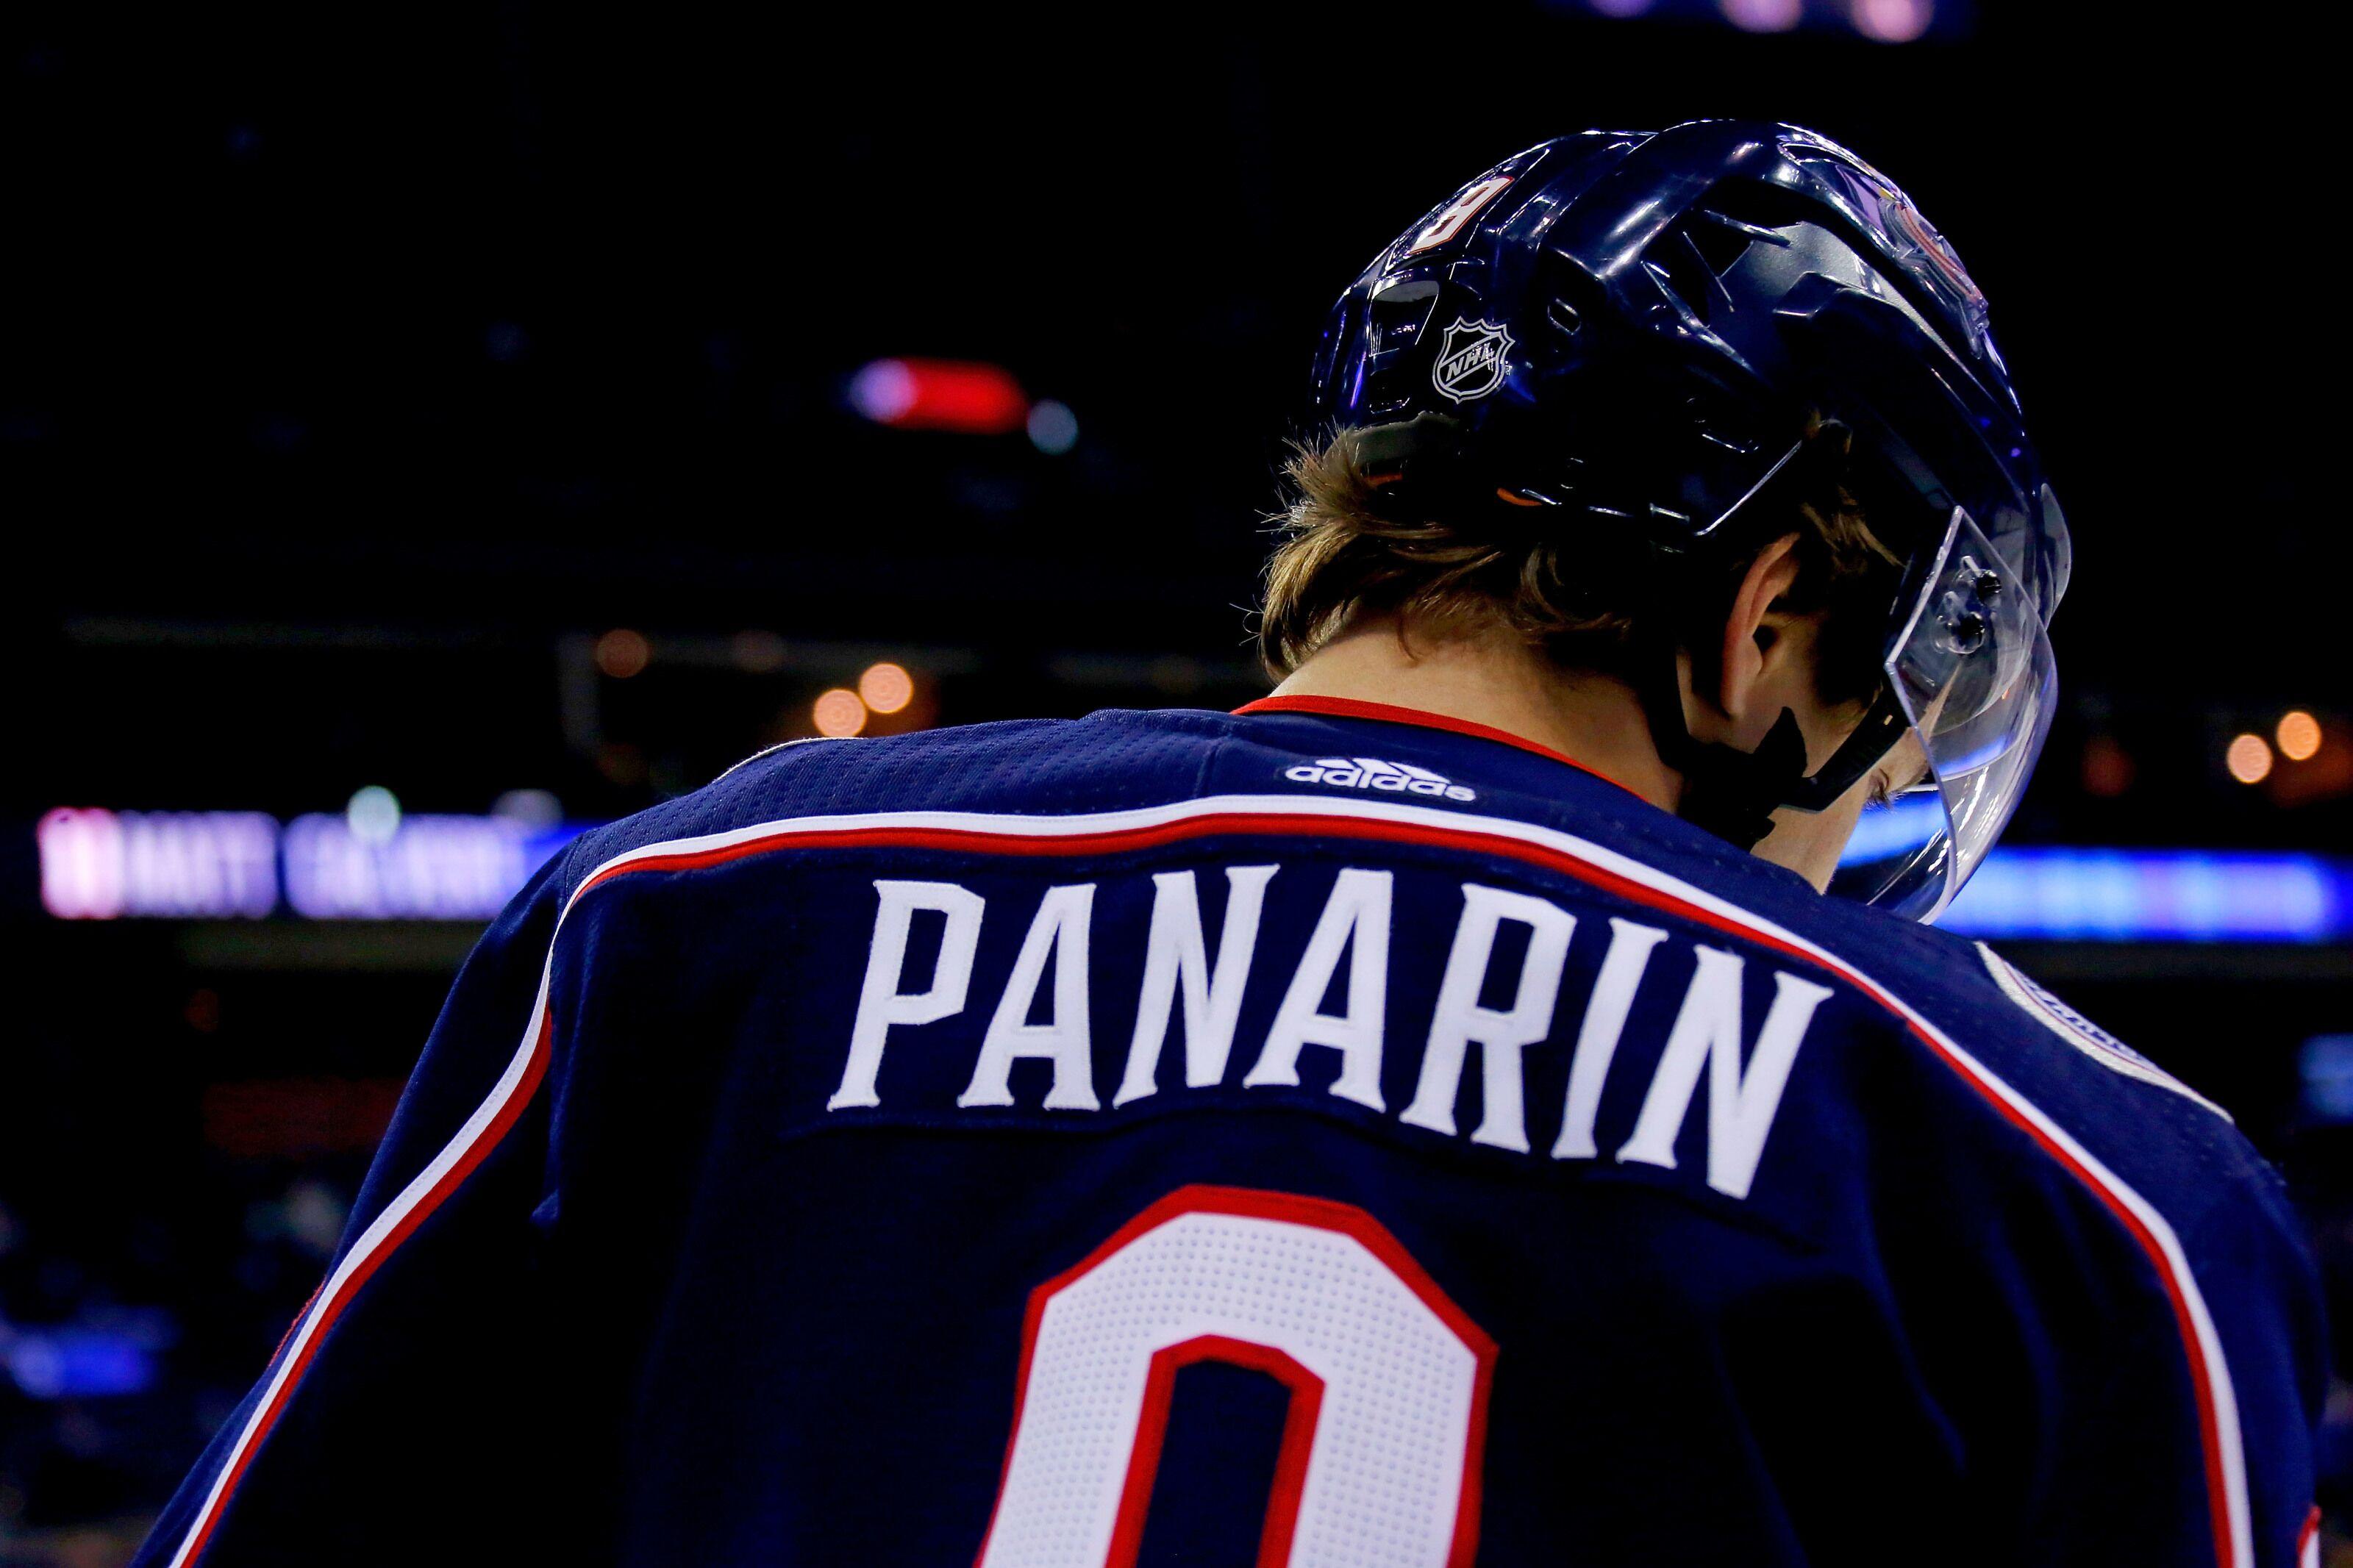 Fantasy Hockey: NHL DFS FanDuel Power Plays for February 5